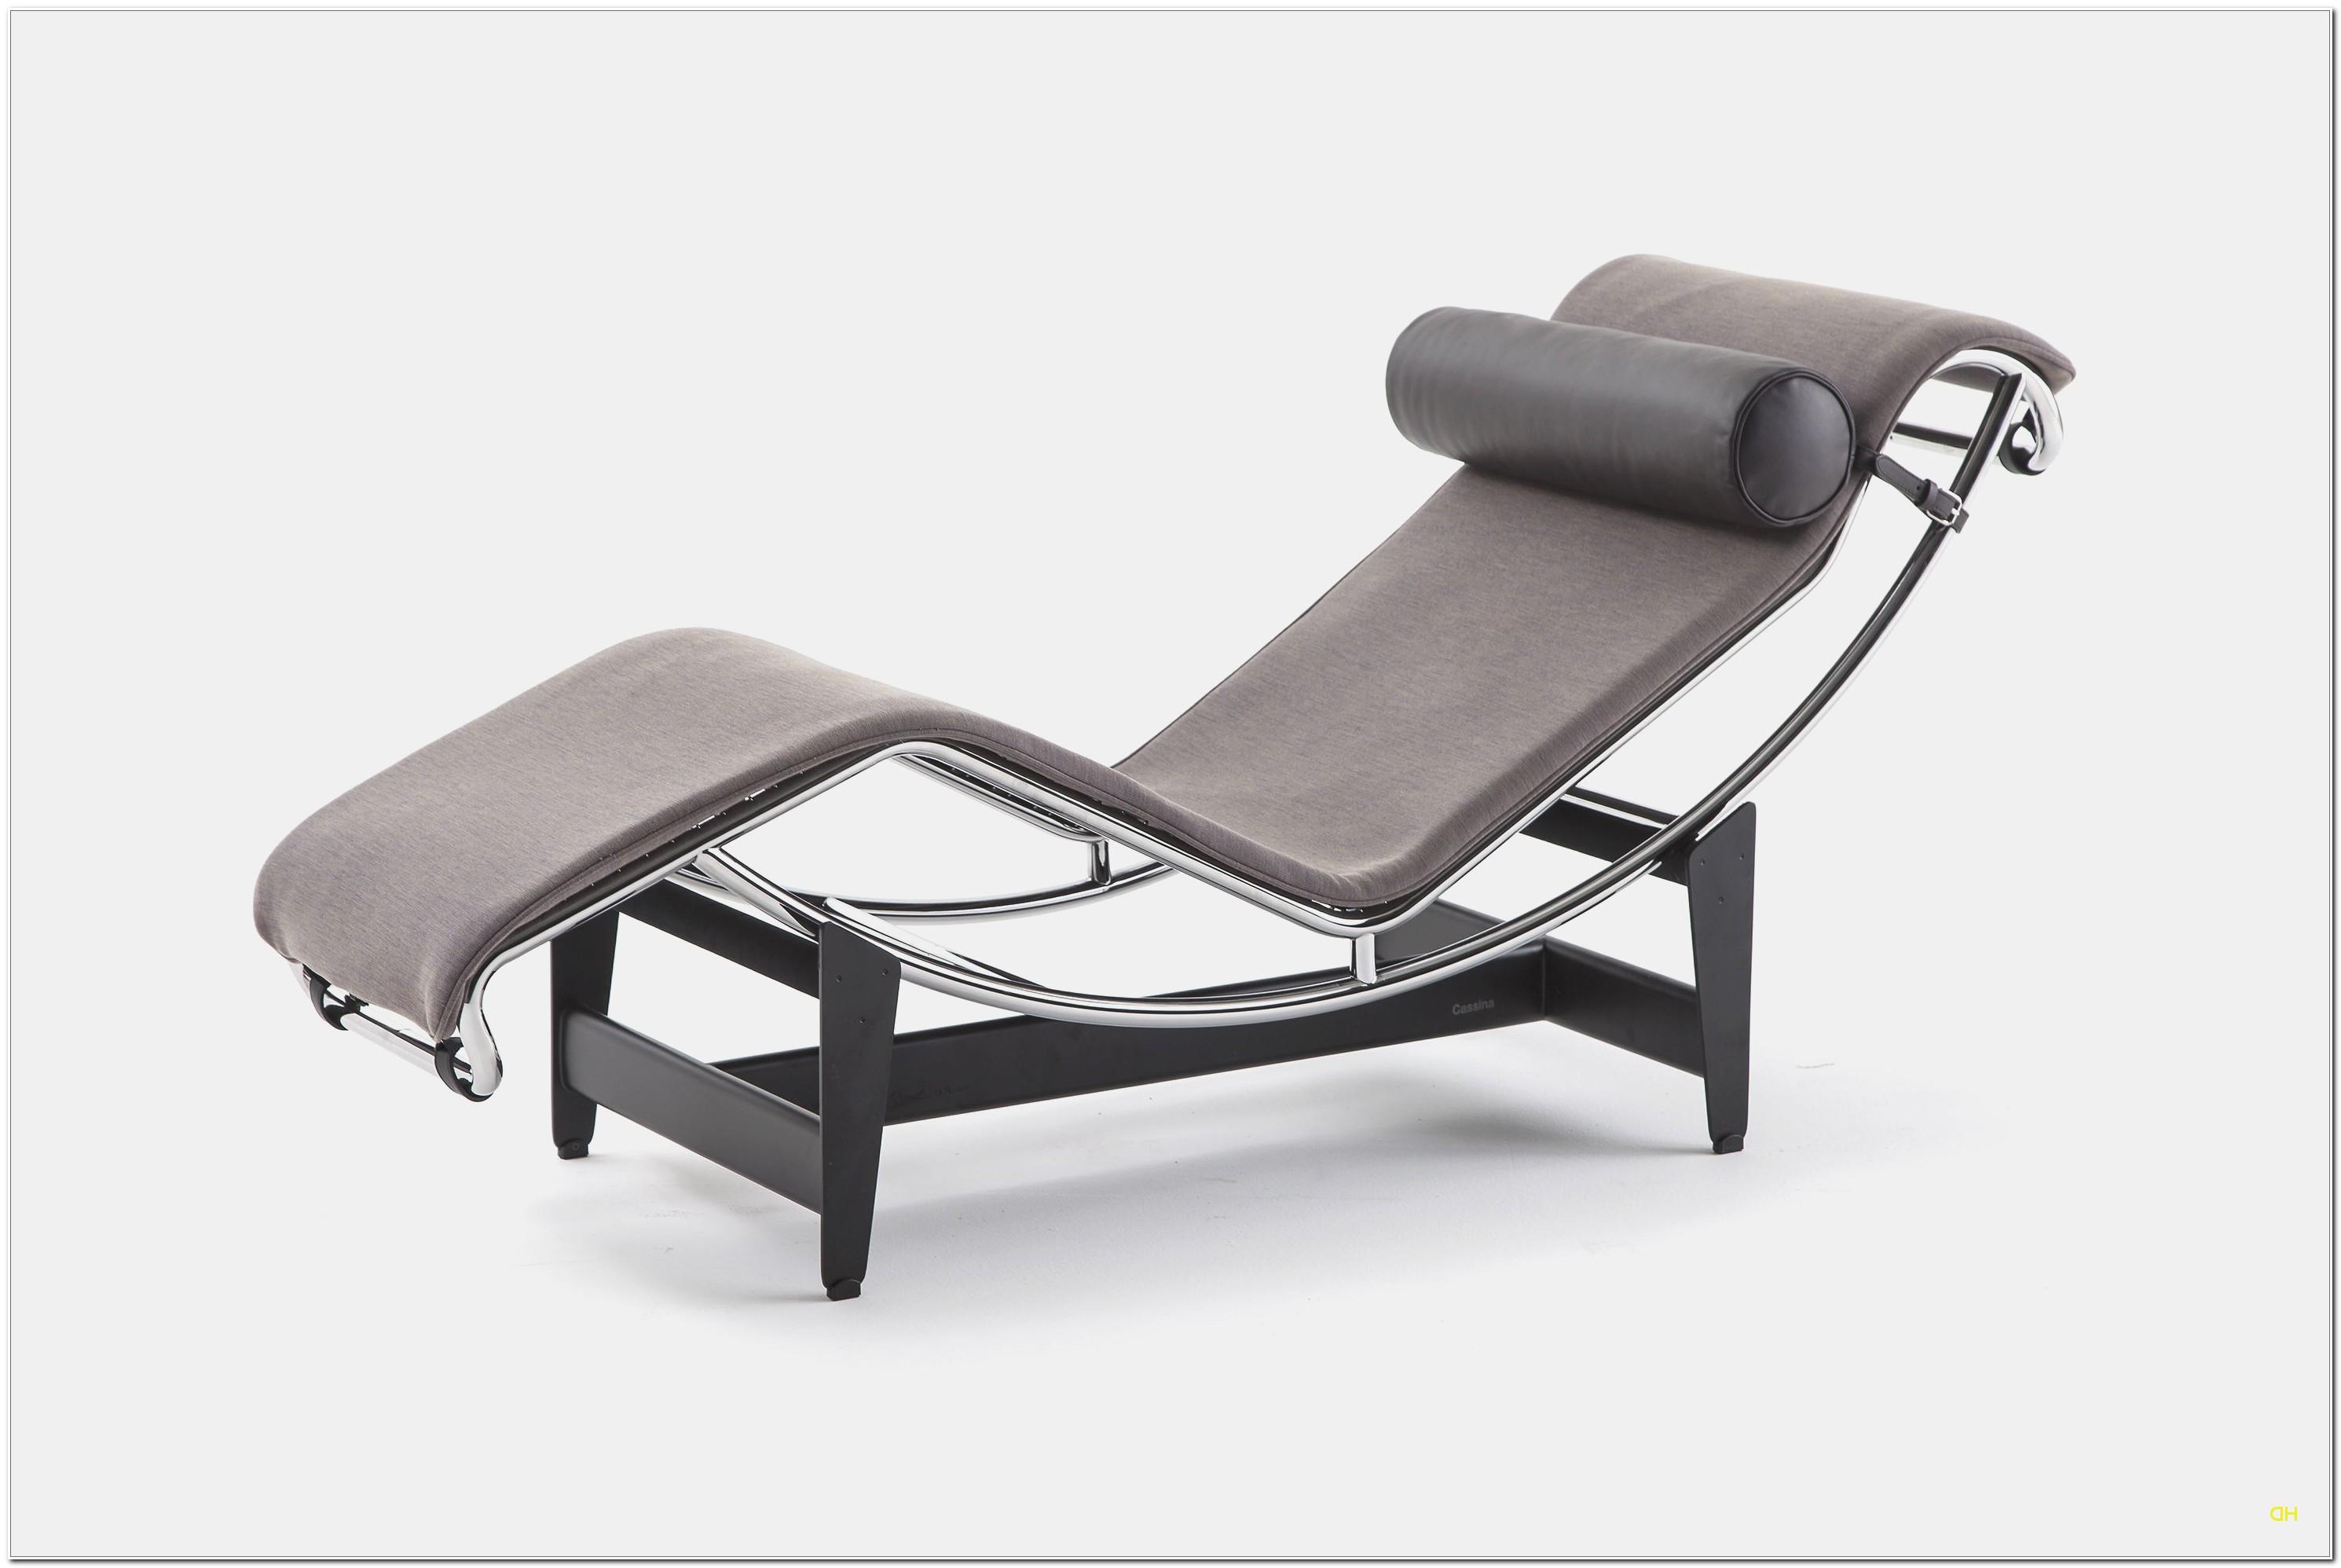 Meuble Design Italien Corbusier | 27 Meuble Le Corbusier